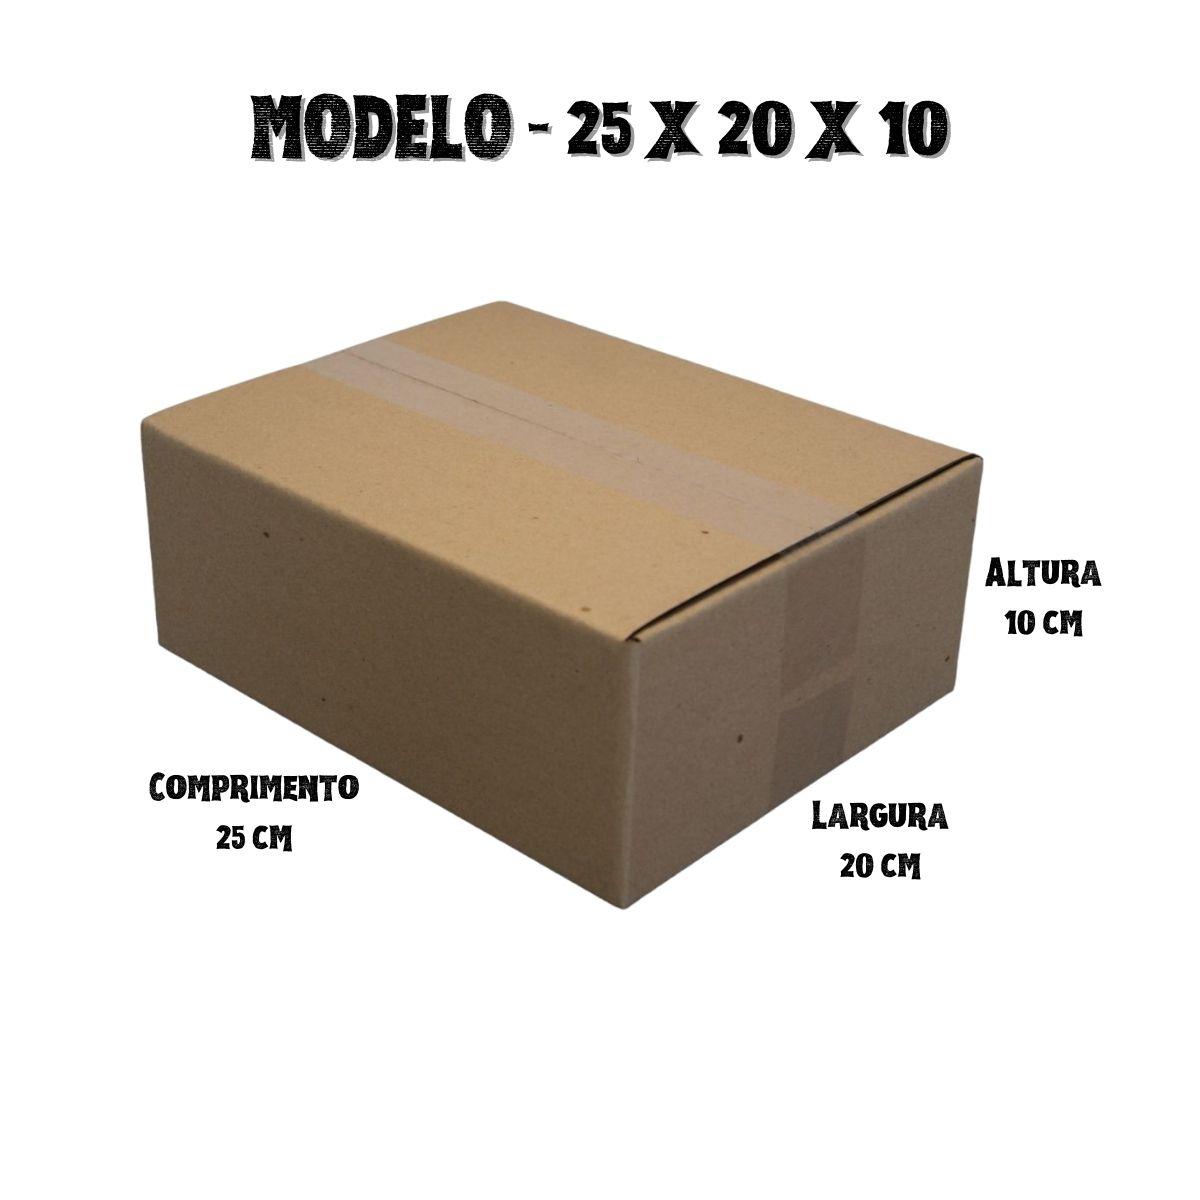 300 Caixas de Papelao (25X20X10)cm - Sedex / Pac / Correios